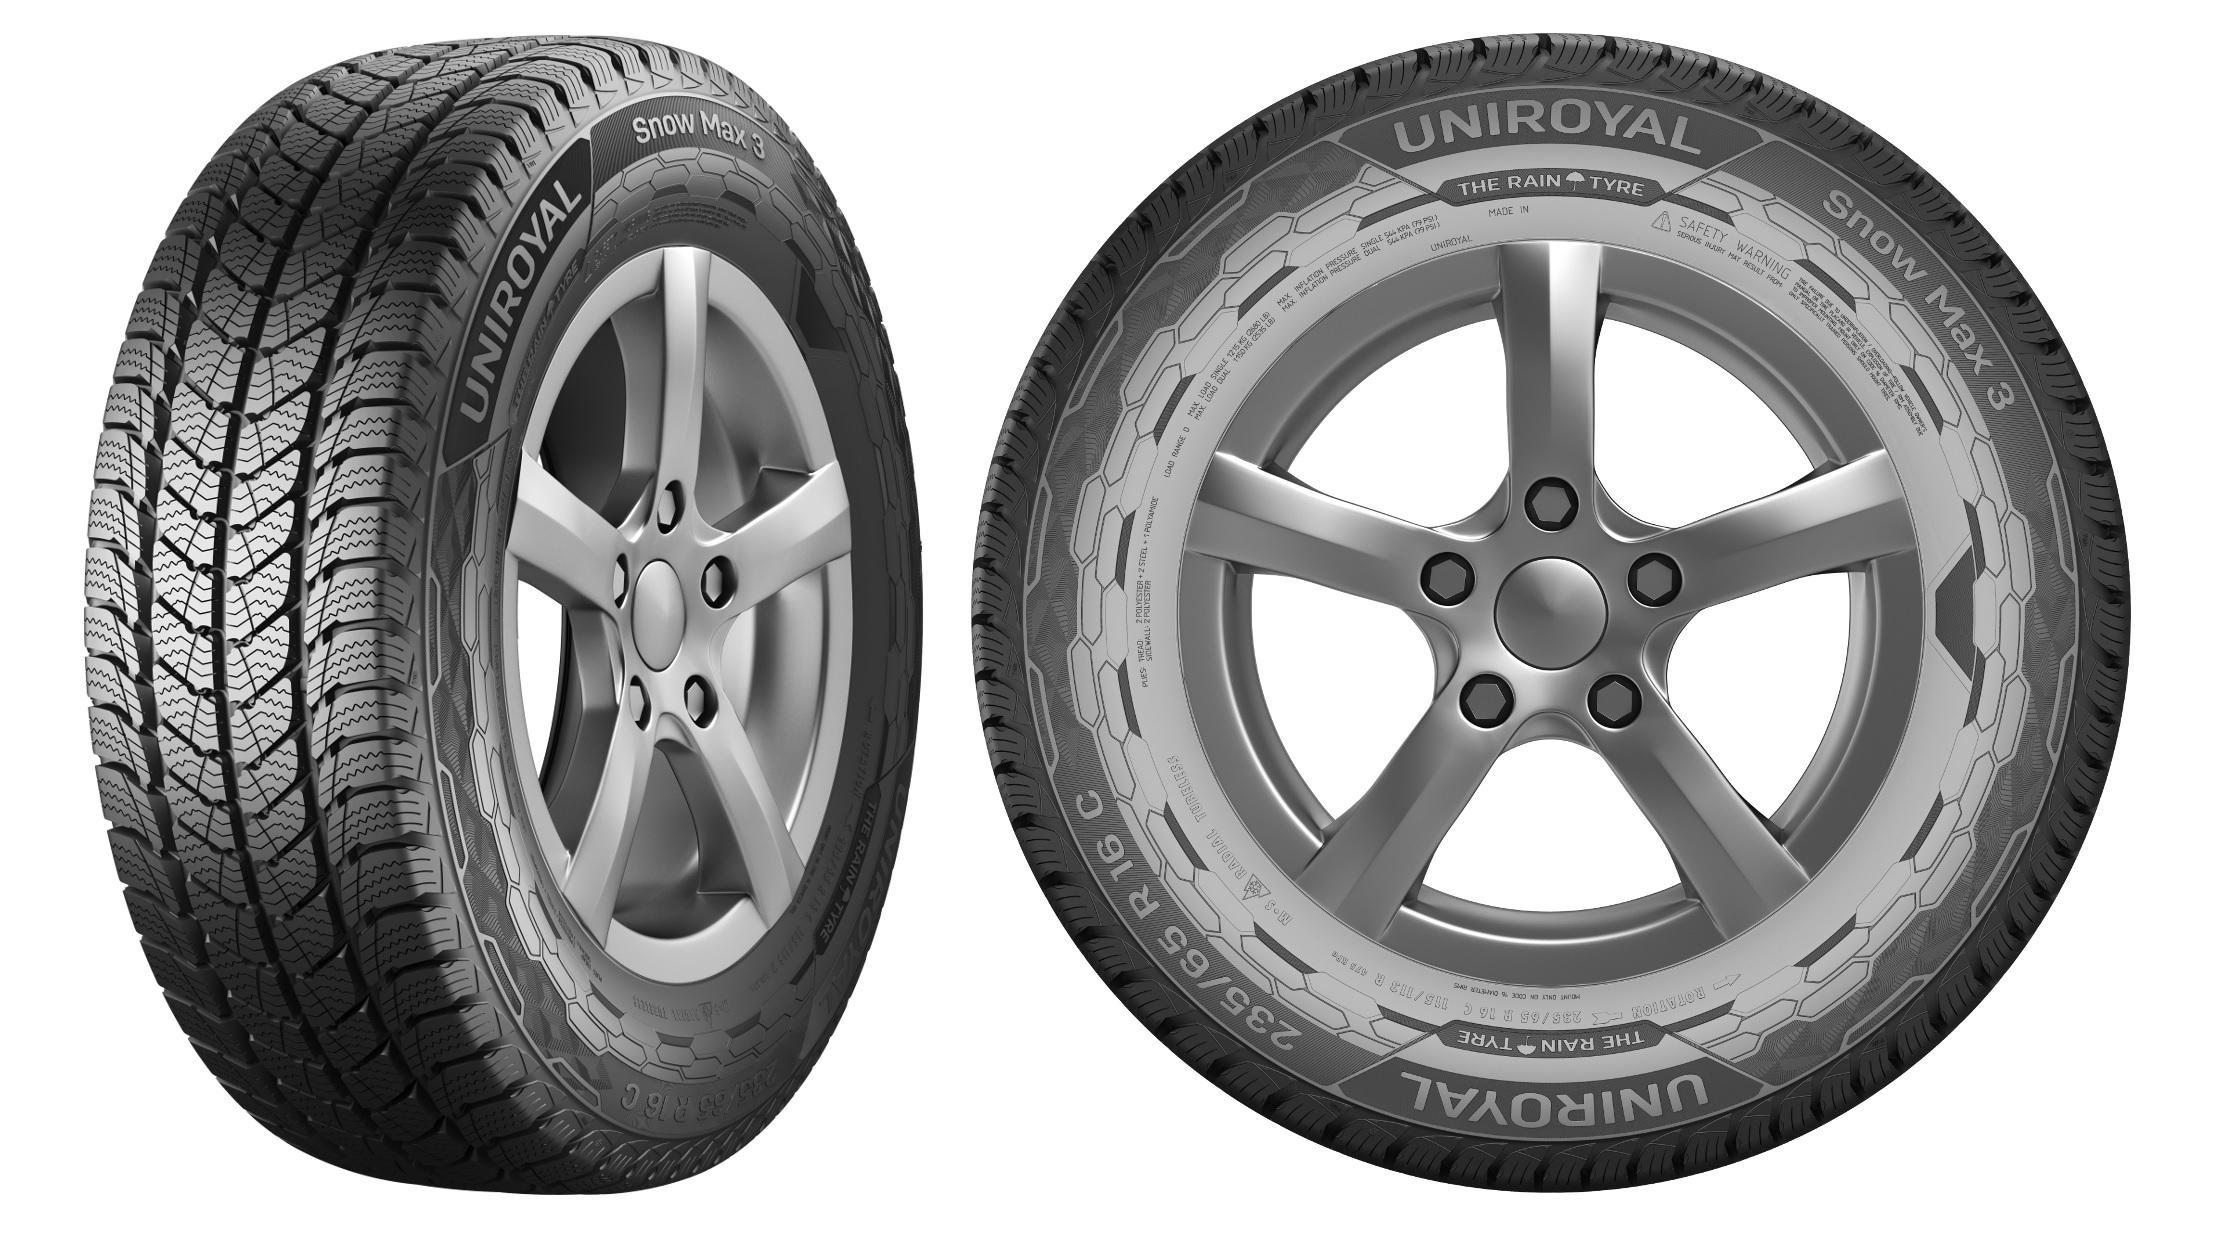 Uniroyal начинает продажи новых зимних шин Snow Max 3 для автофургонов